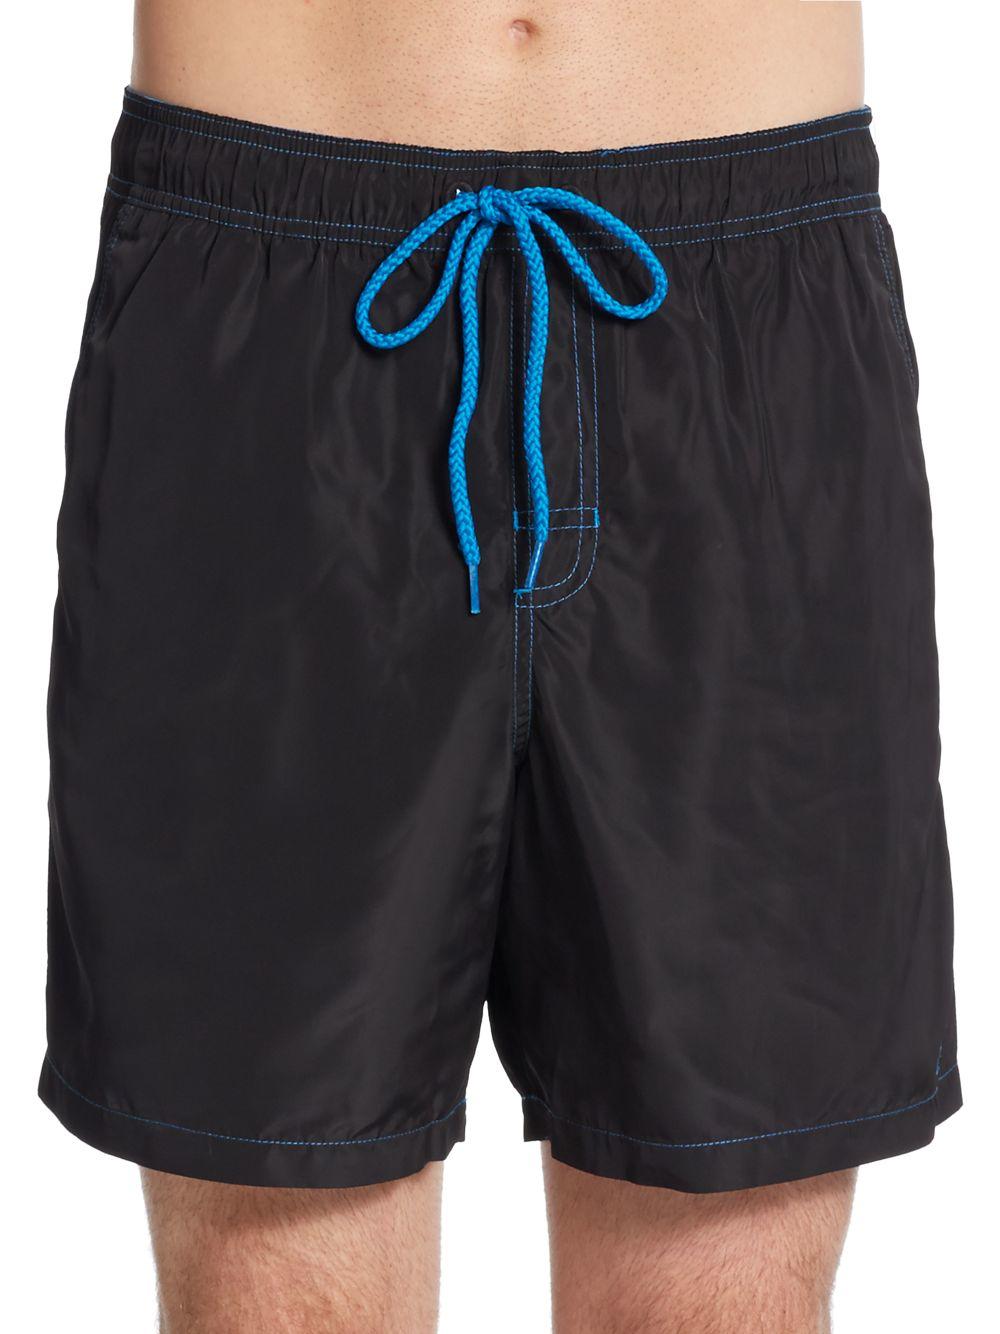 calvin klein contrast trim swim trunks in black for men lyst. Black Bedroom Furniture Sets. Home Design Ideas